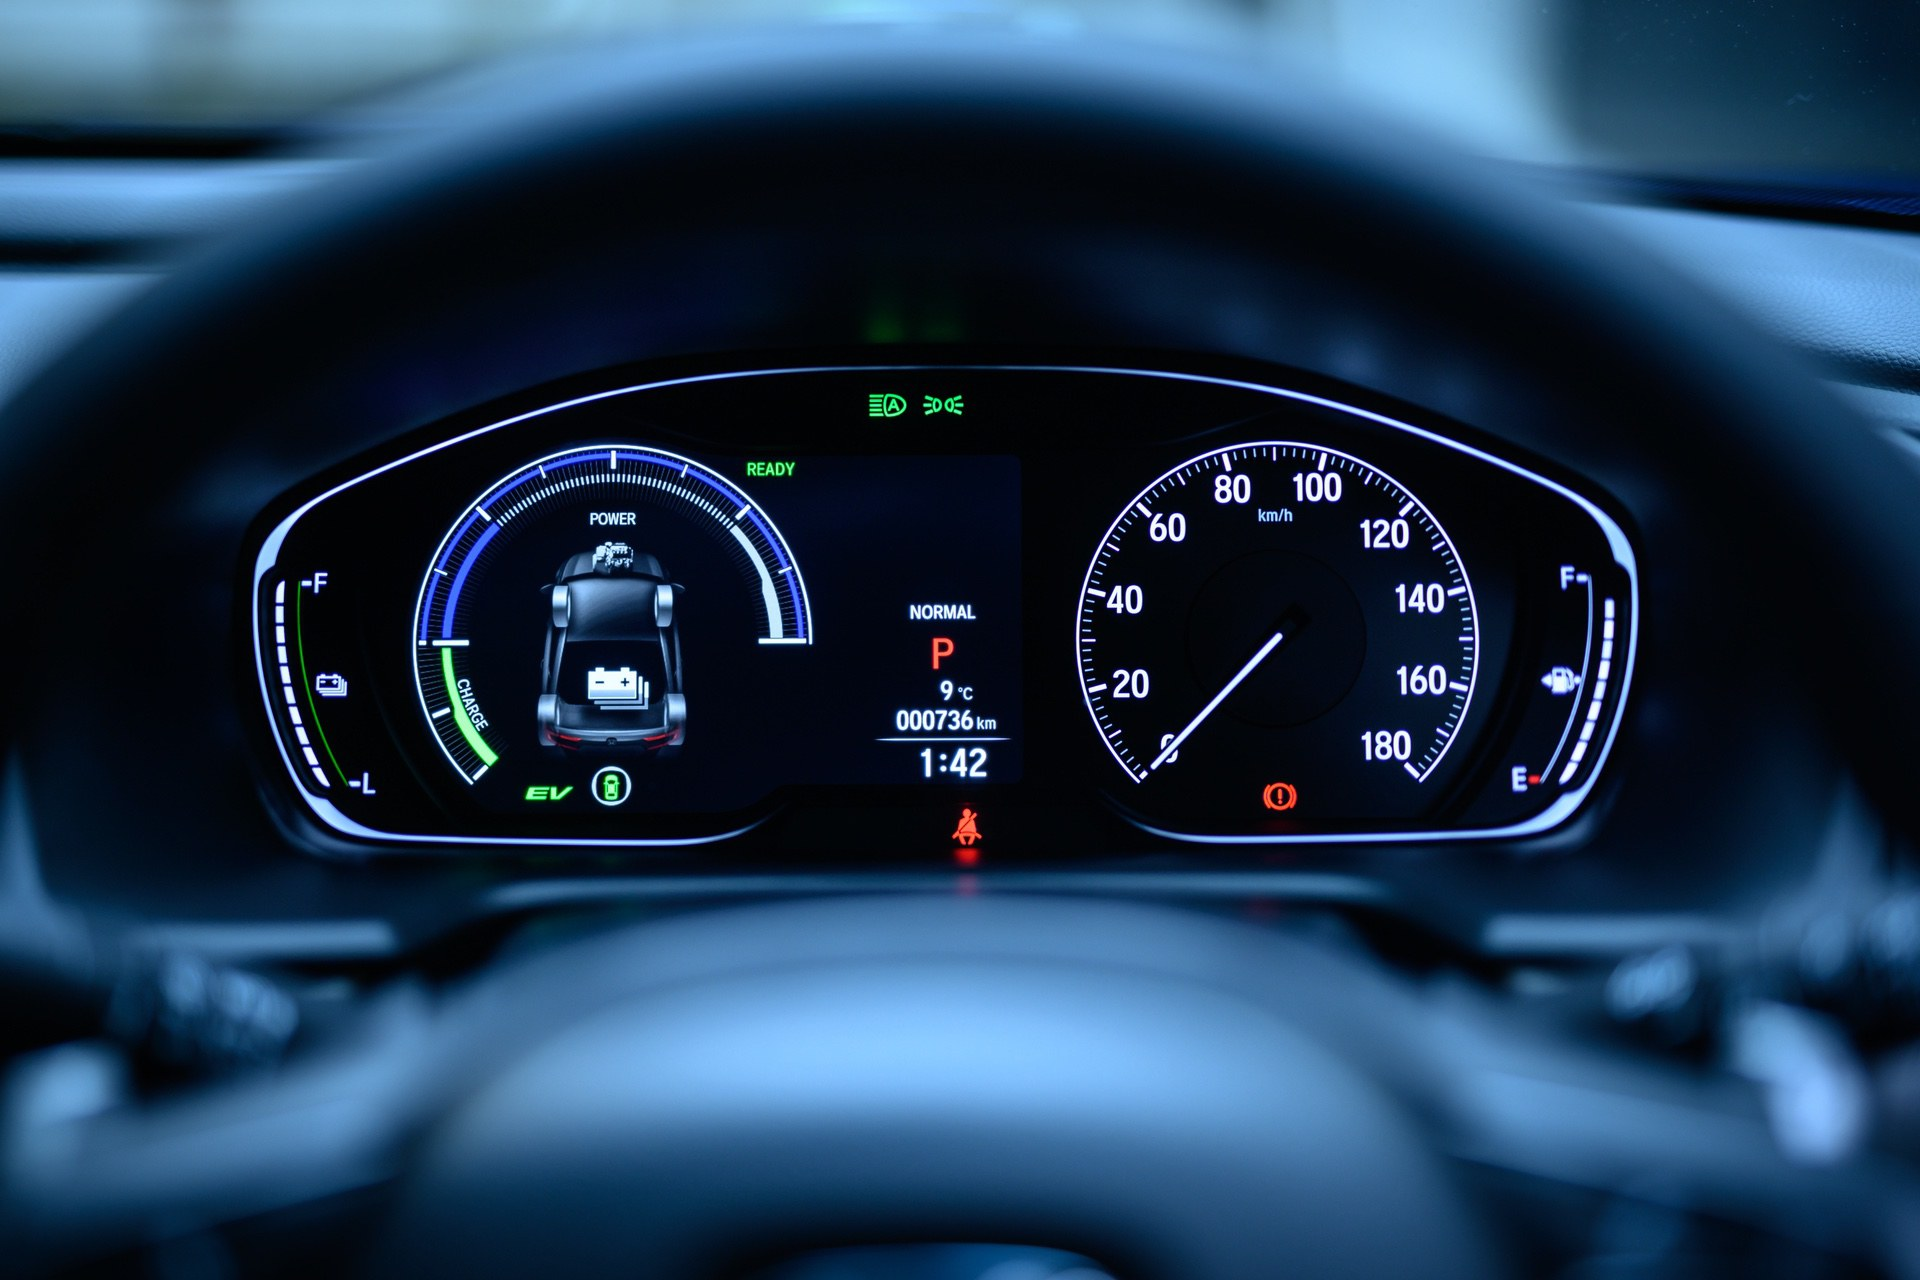 2020_Honda_Accord_eHEV_JPD_0002